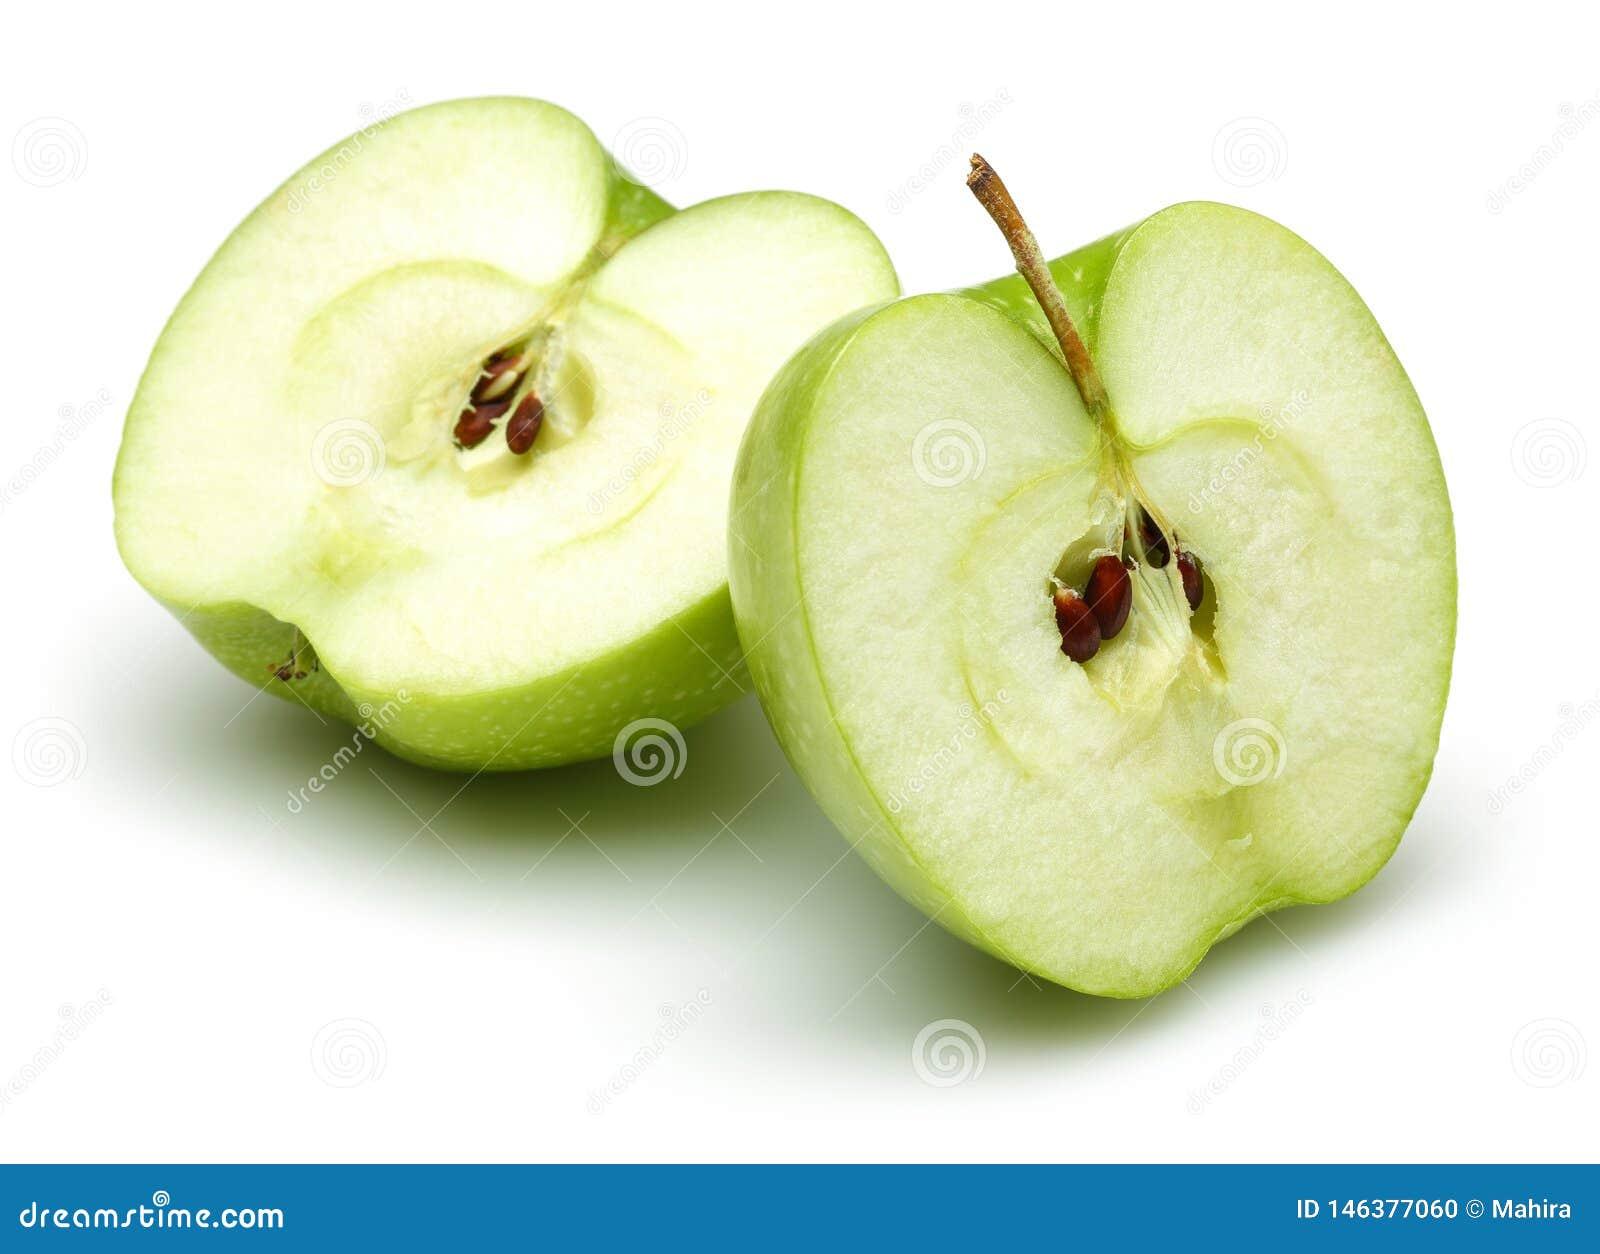 Twee halve groene appelen die op wit worden geïsoleerd